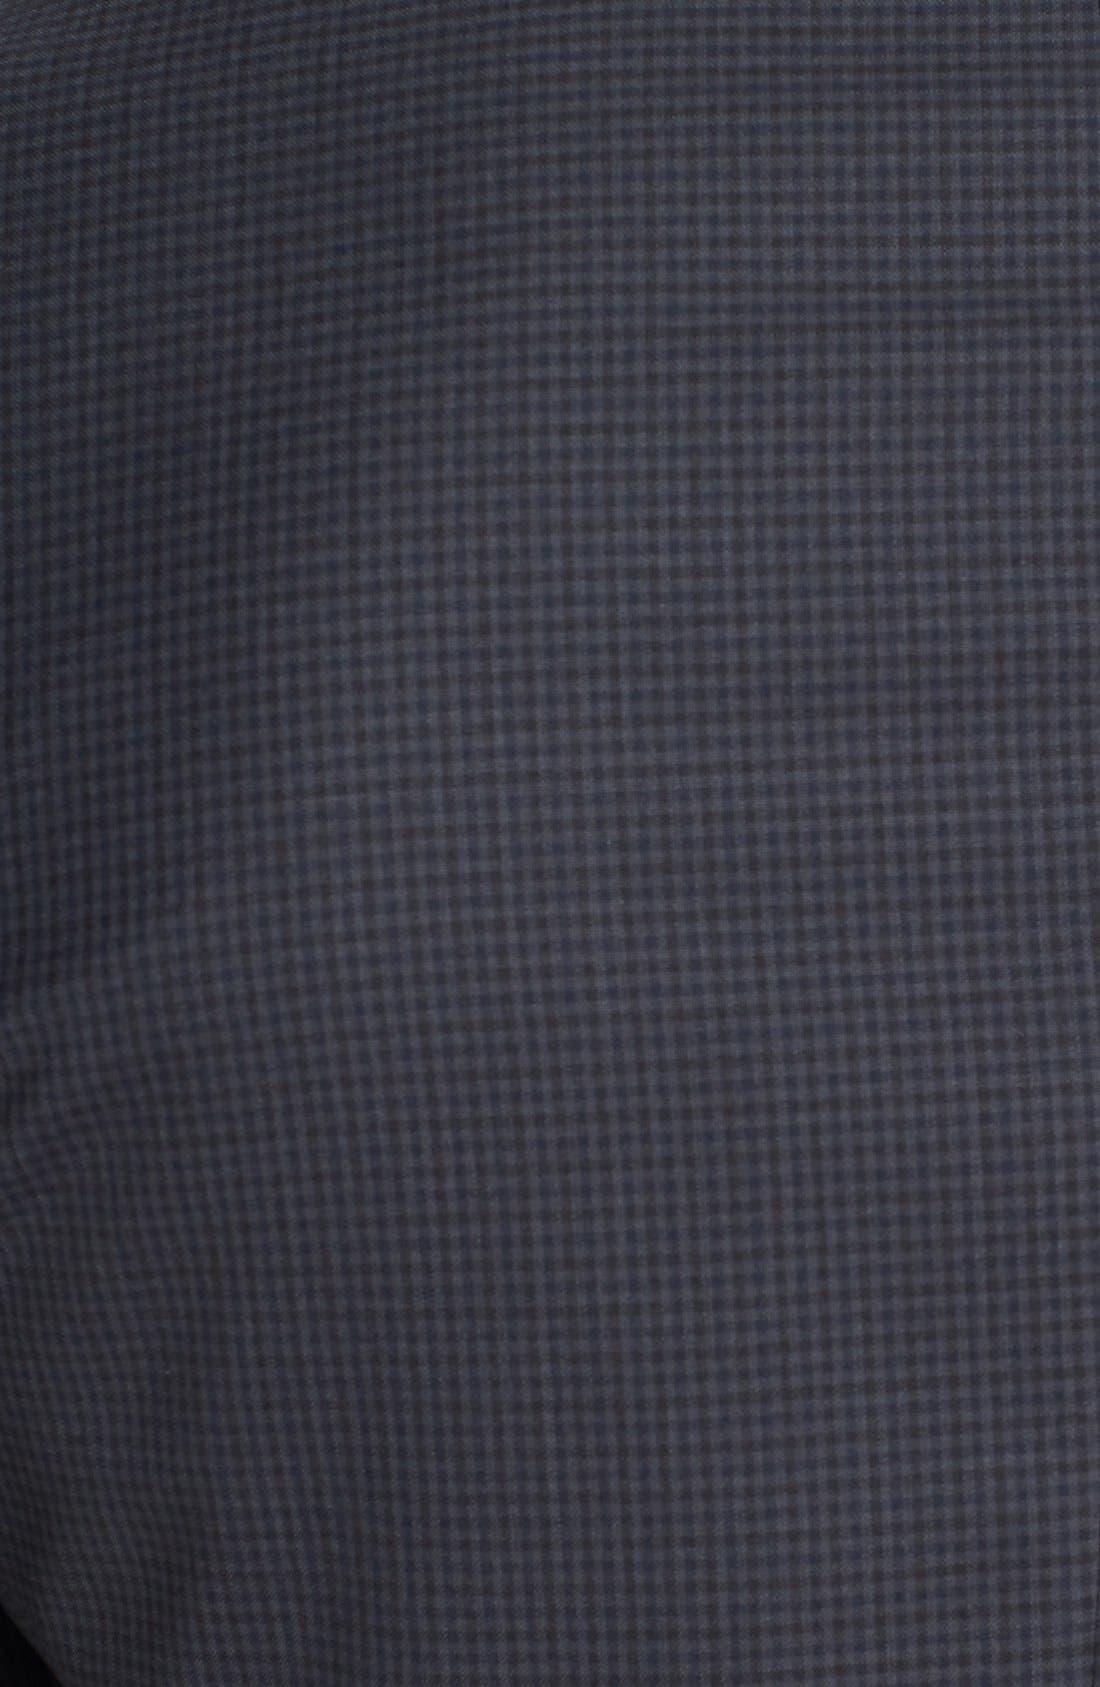 Alternate Image 3  - BOSS HUGO BOSS 'Hutsons' Trim Fit Check Sport Coat